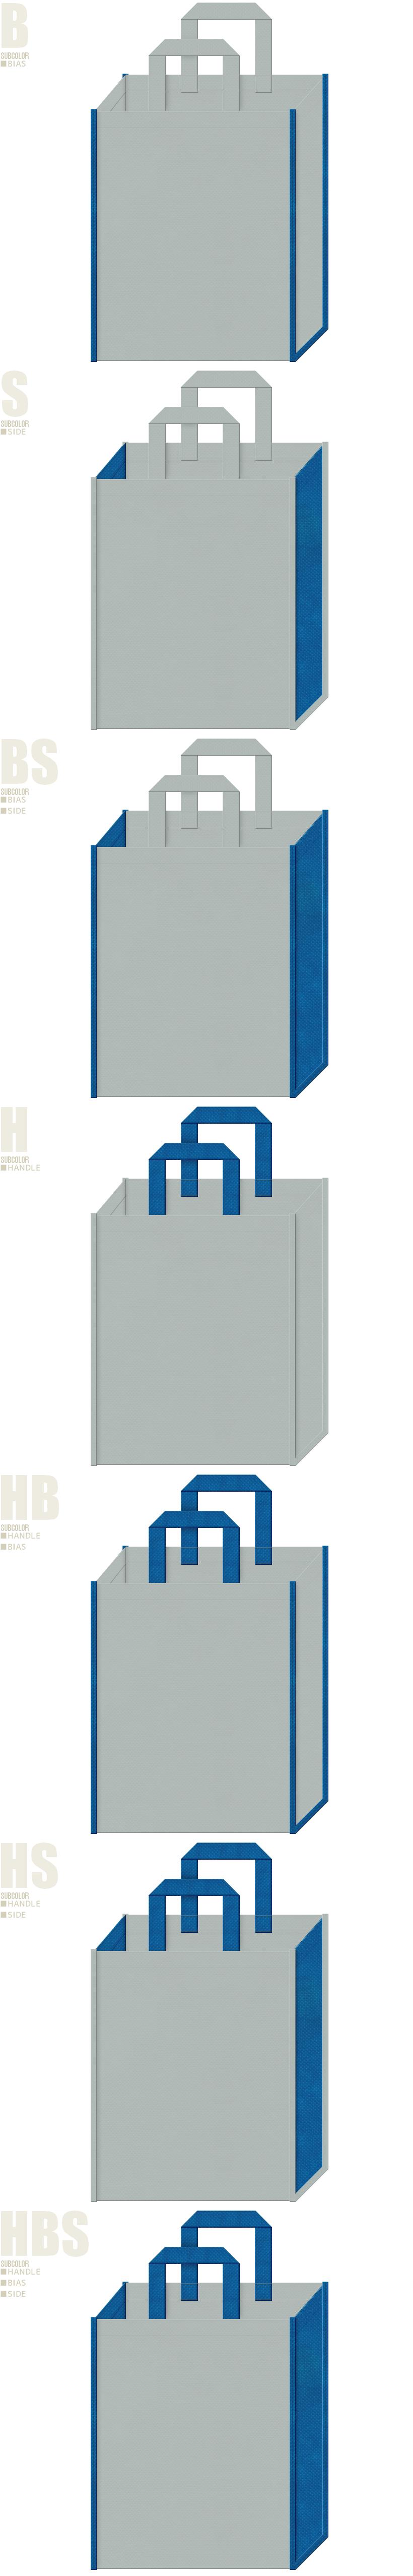 グレー色と青色-7パターンの不織布トートバッグ配色デザイン例:LED照明・LEDセミナーにお奨めです。